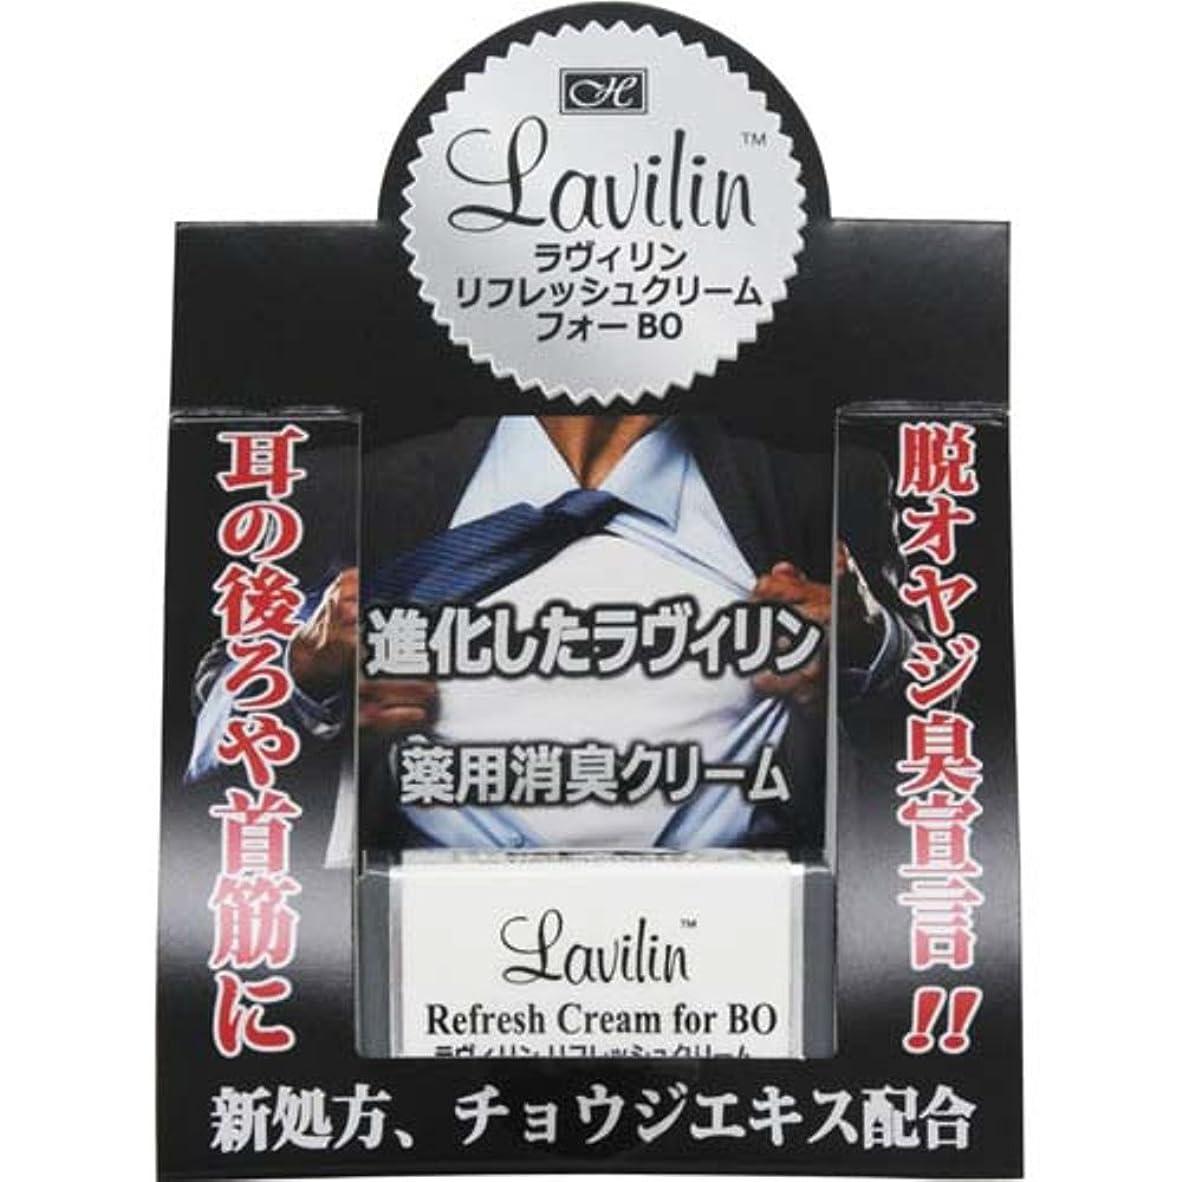 解体する定義鎮静剤ラヴィリン リフレッシュクリーム フォーボディ